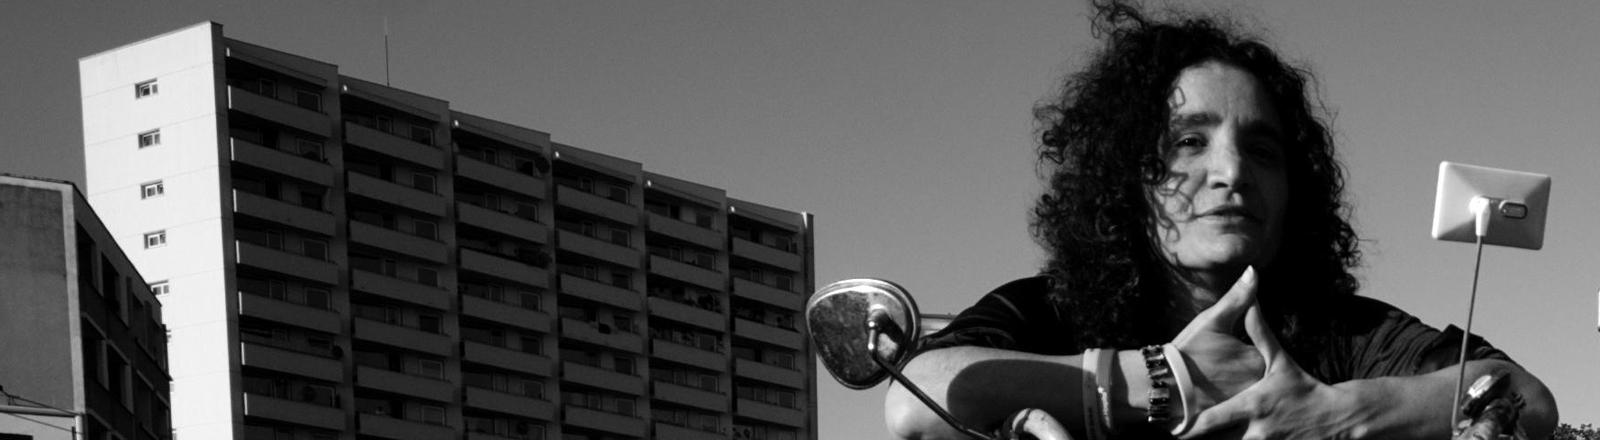 Mirijam Guenter auf einem Bonanzarad